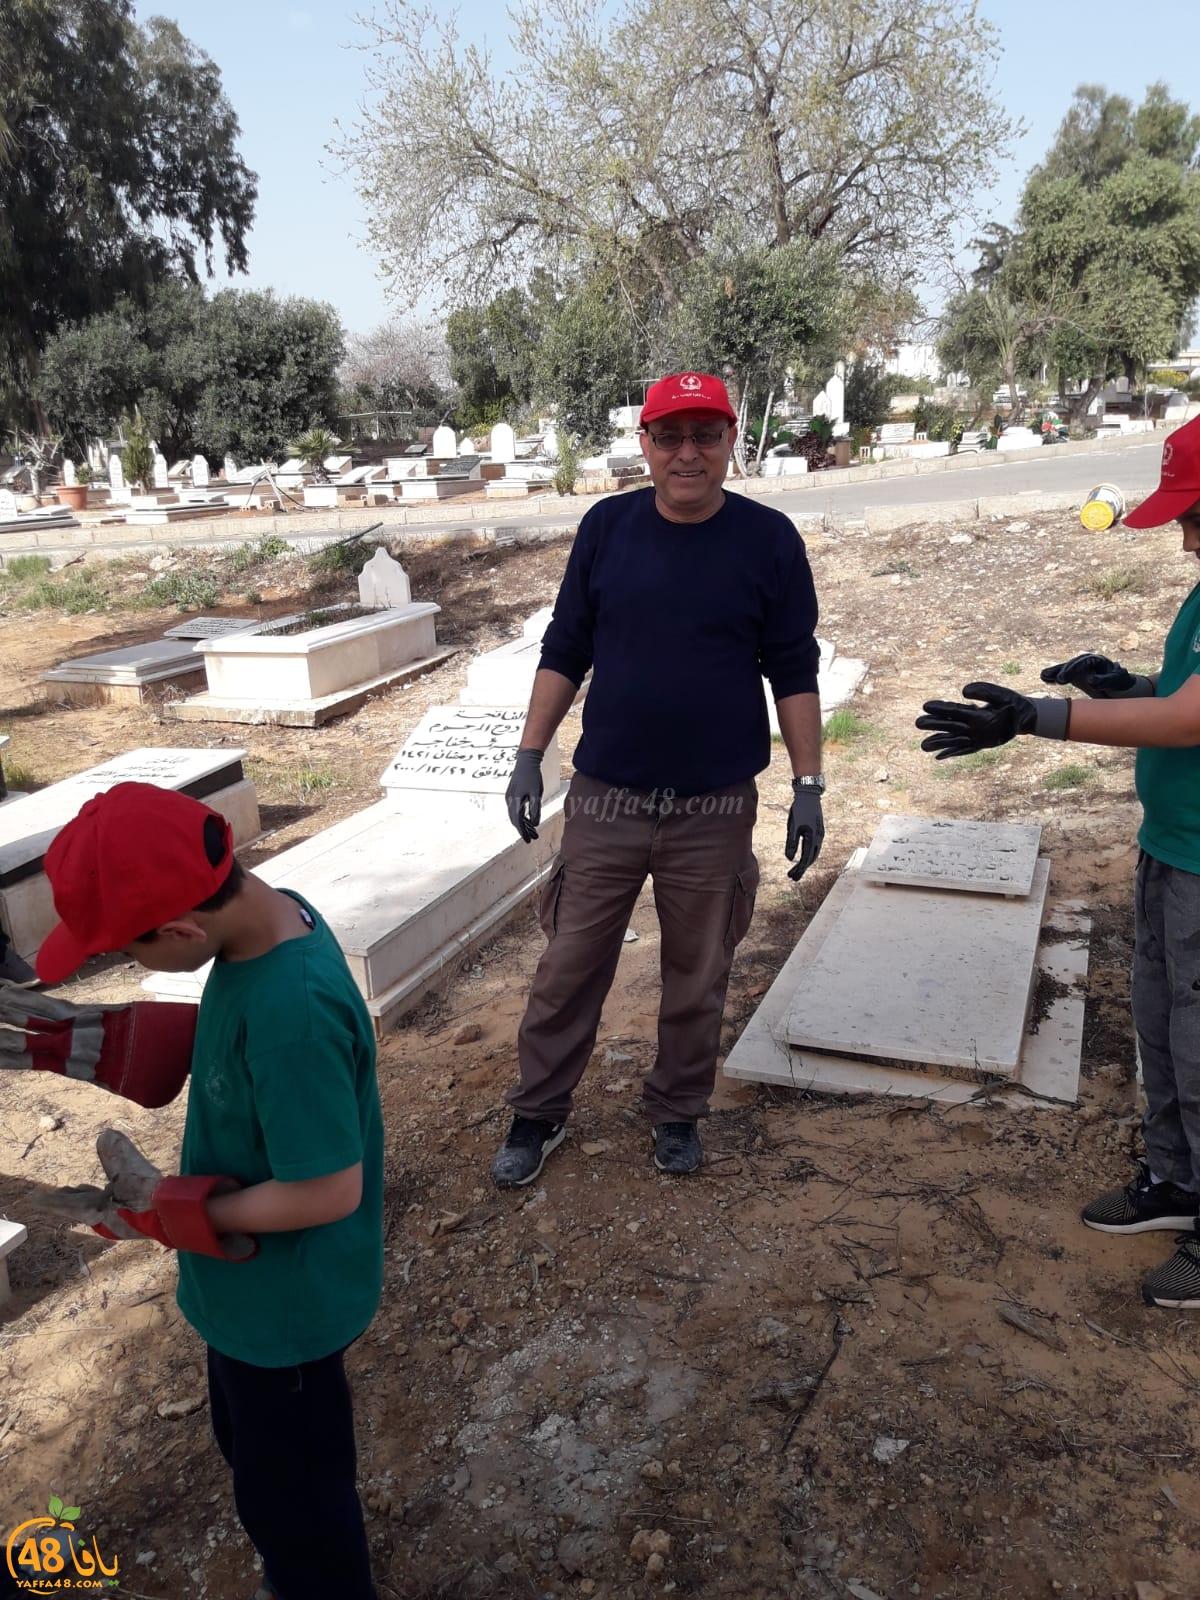 بالصور: طلاب مدرسة الأخوة يشاركون في تنظيف مقبرة طاسو